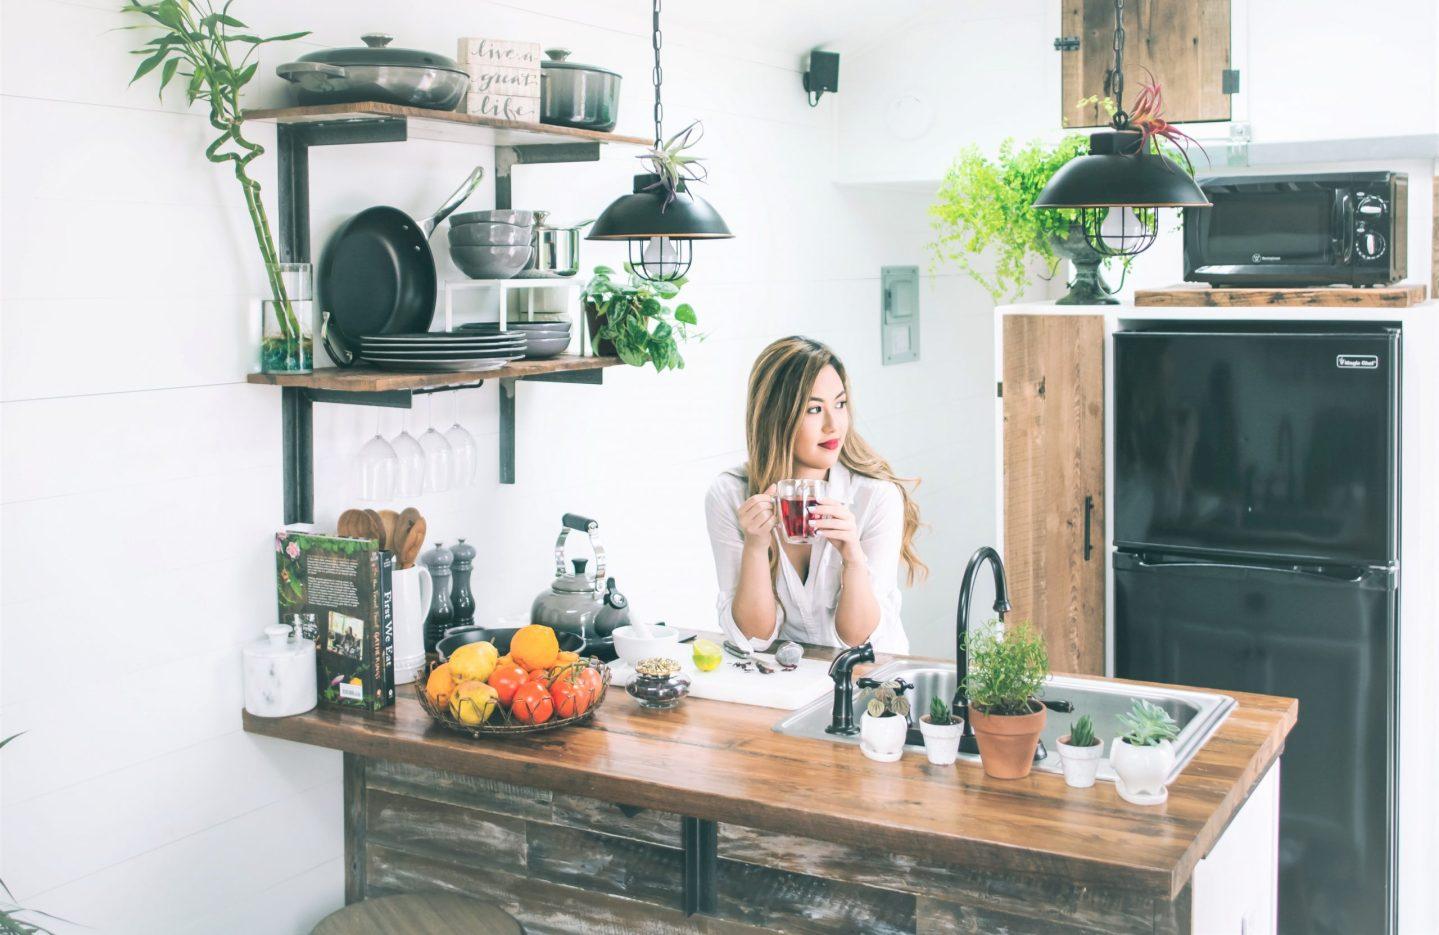 Cómo equipar cocinas pequeñas